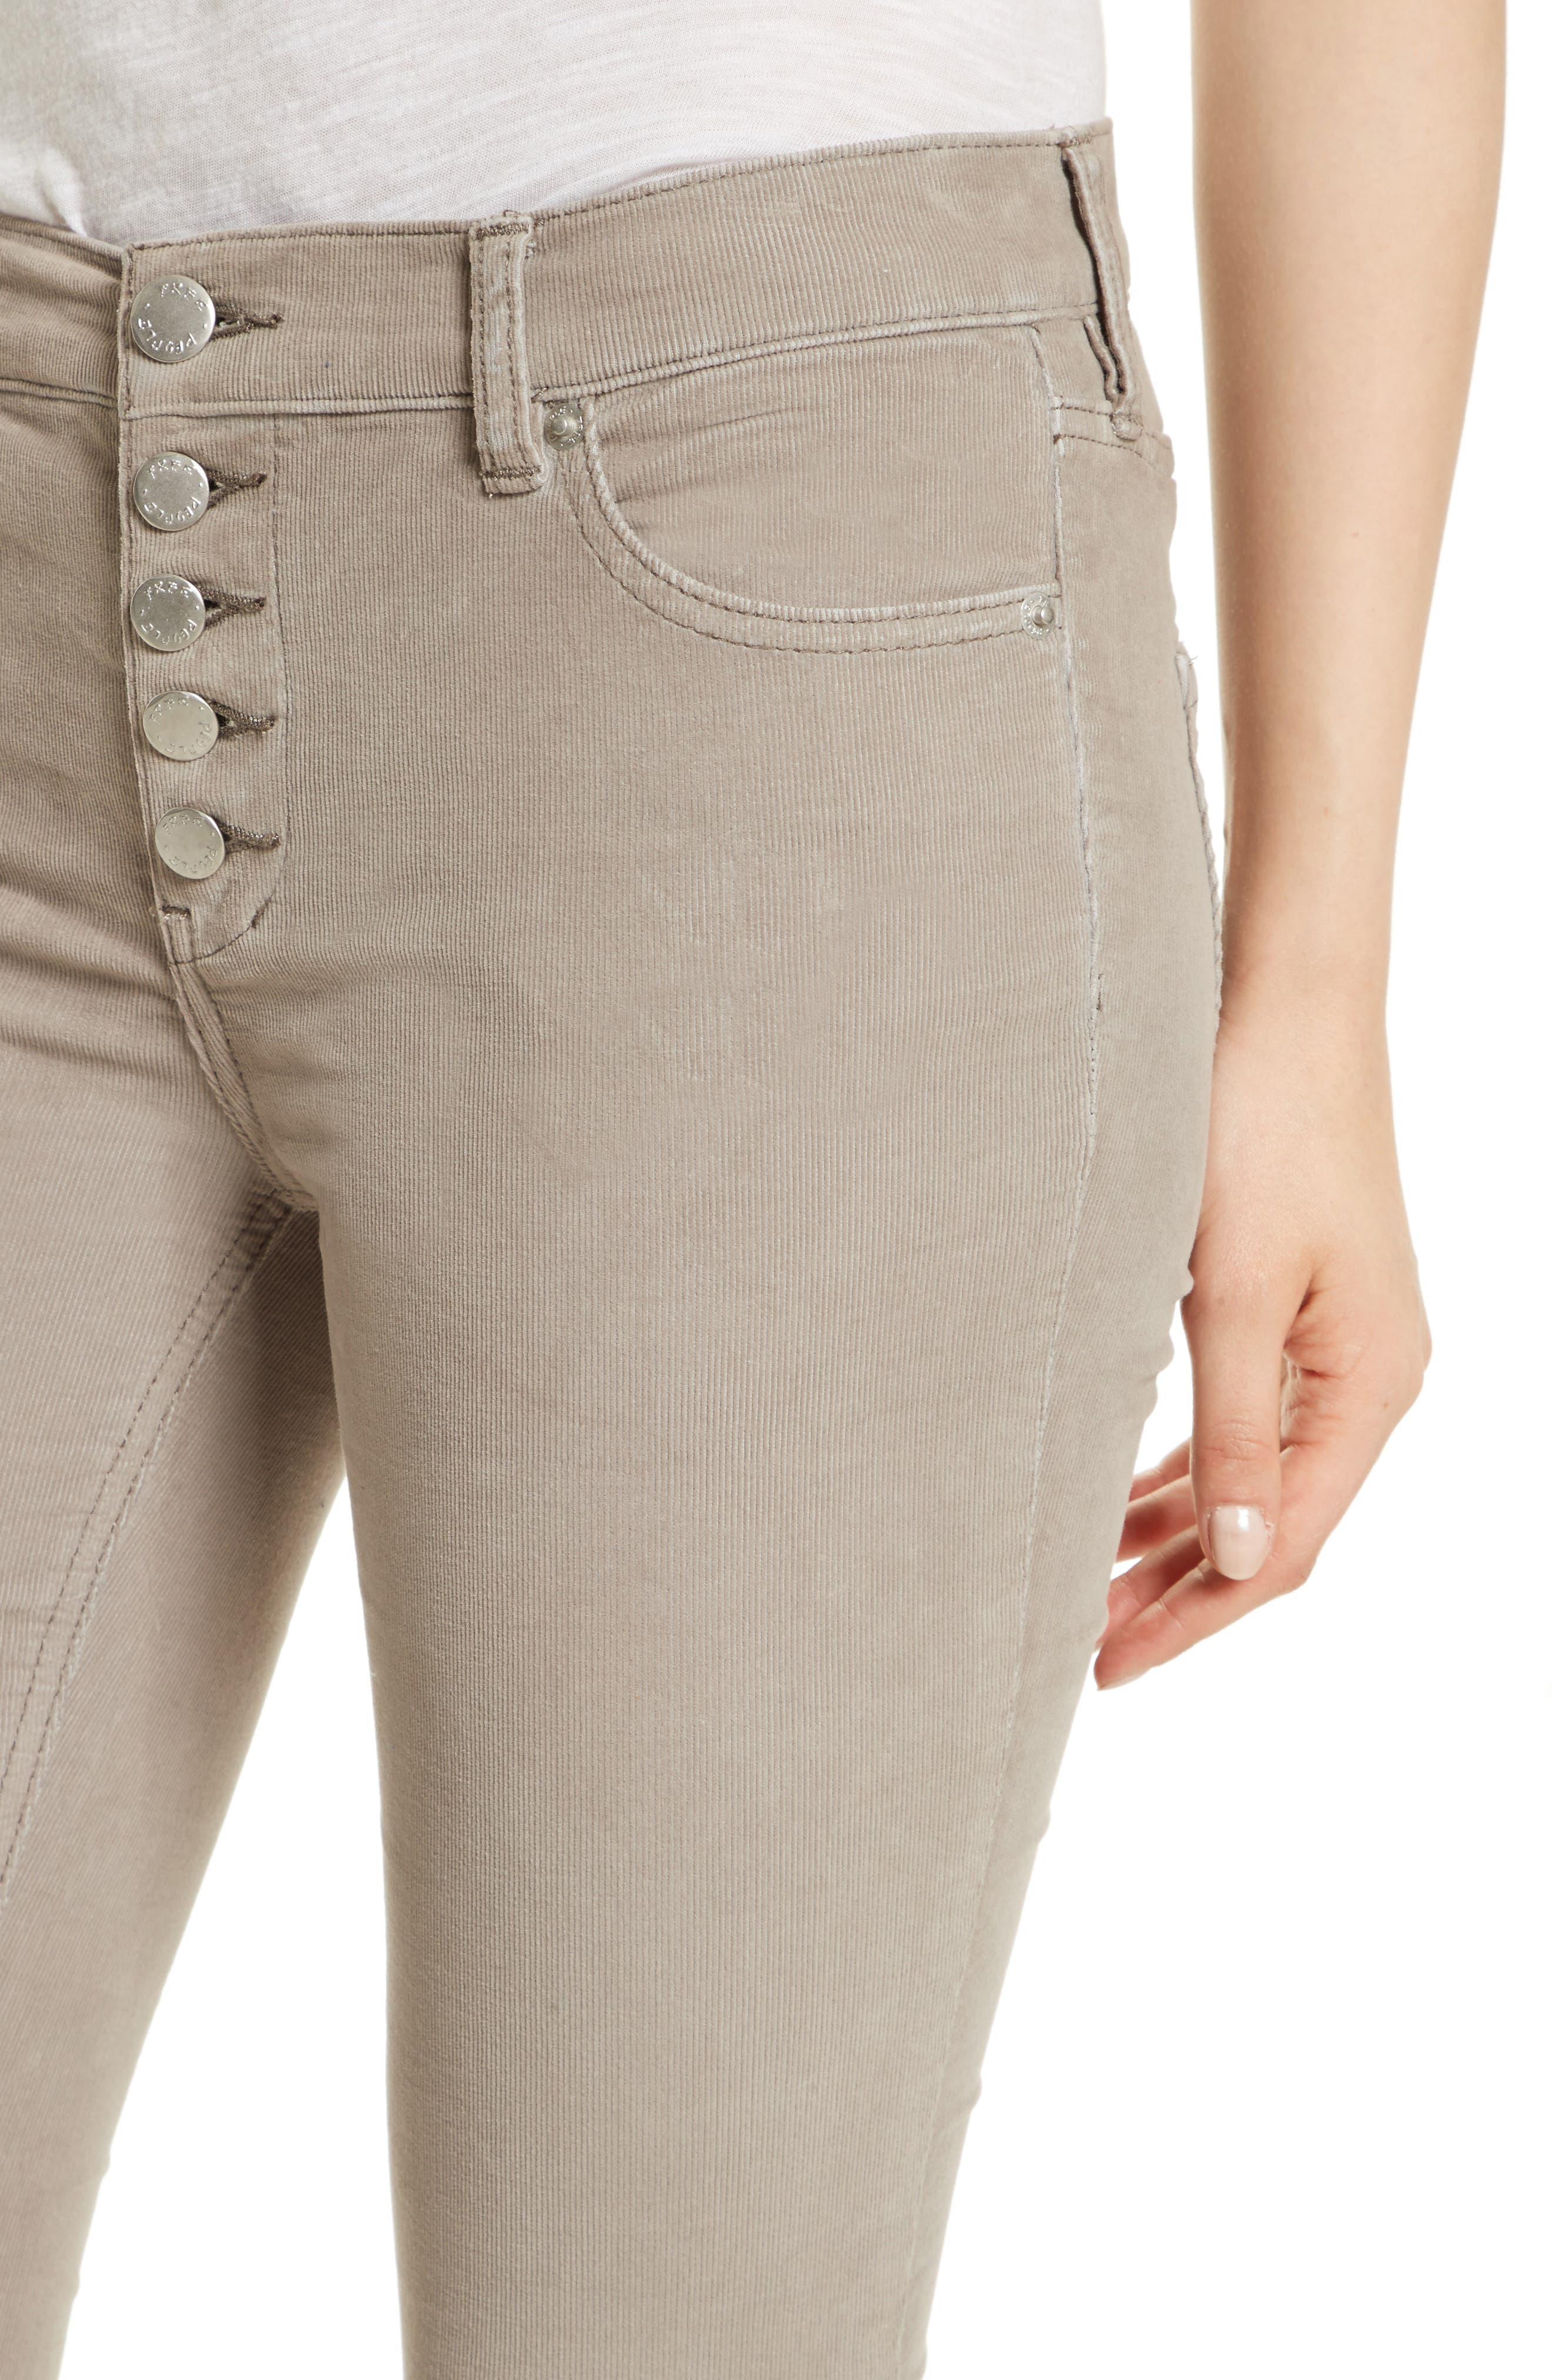 Reagan Crop Skinny Jeans,                             Alternate thumbnail 4, color,                             030